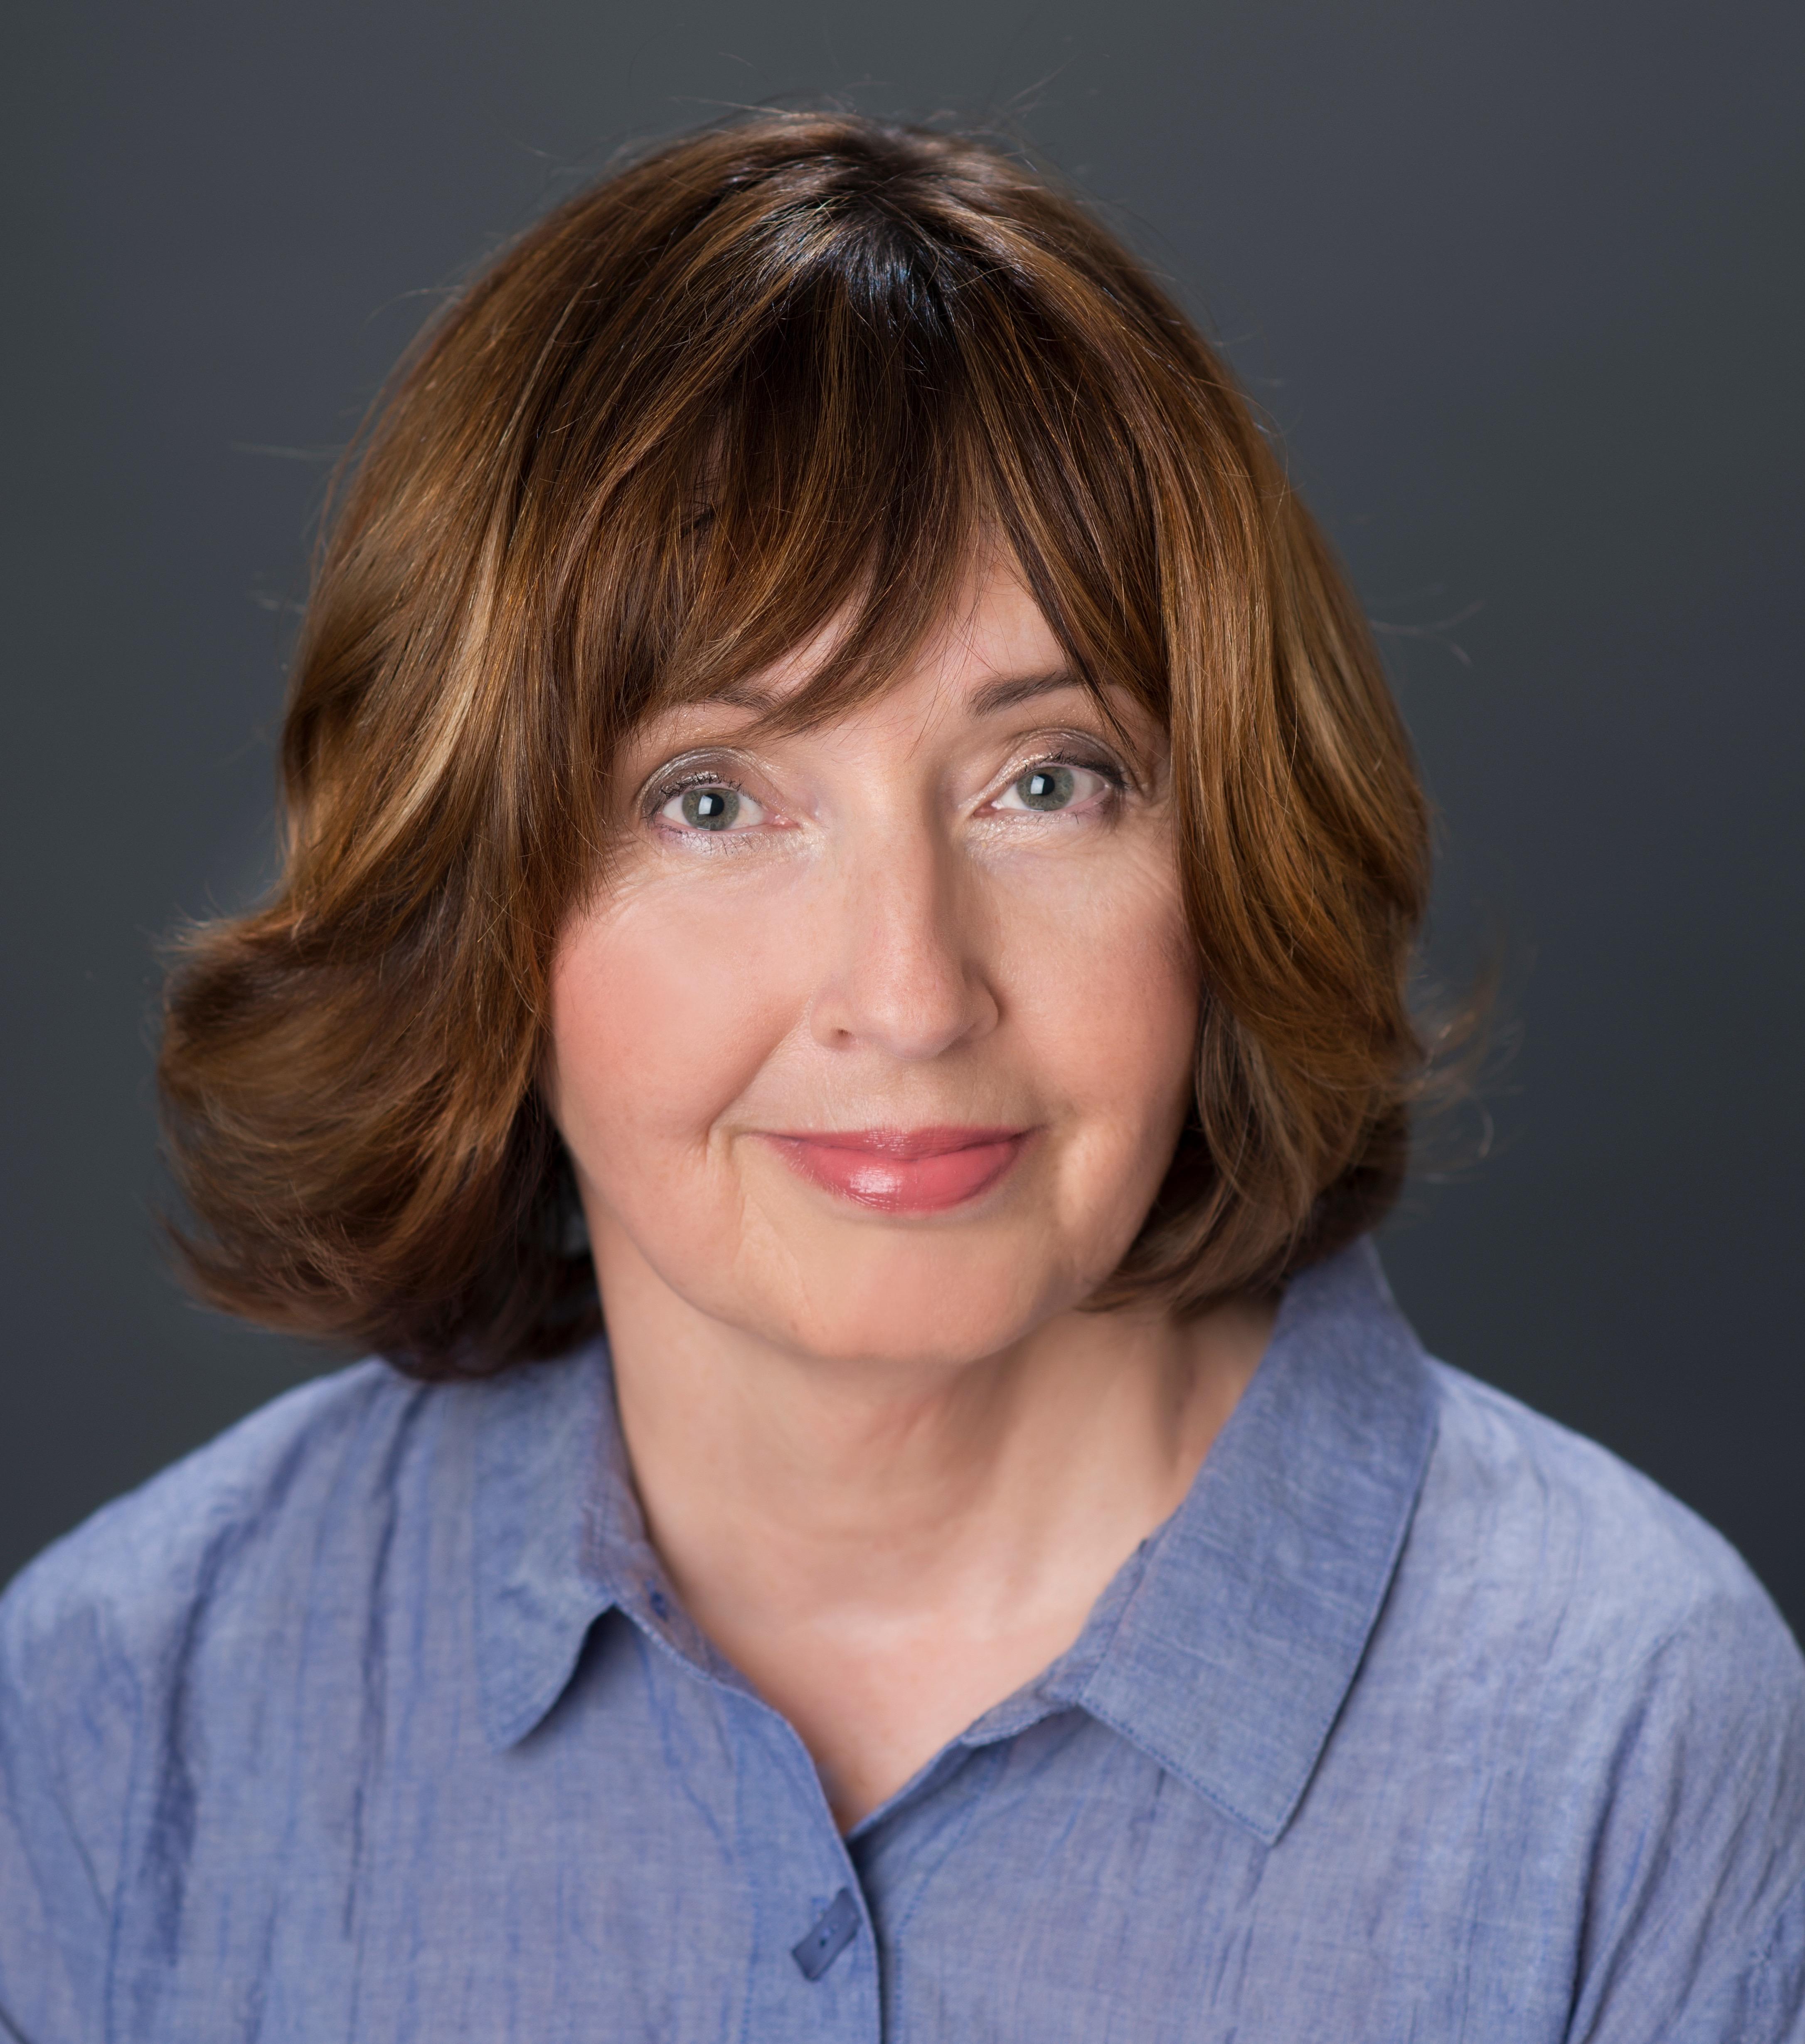 Rose Schmidt